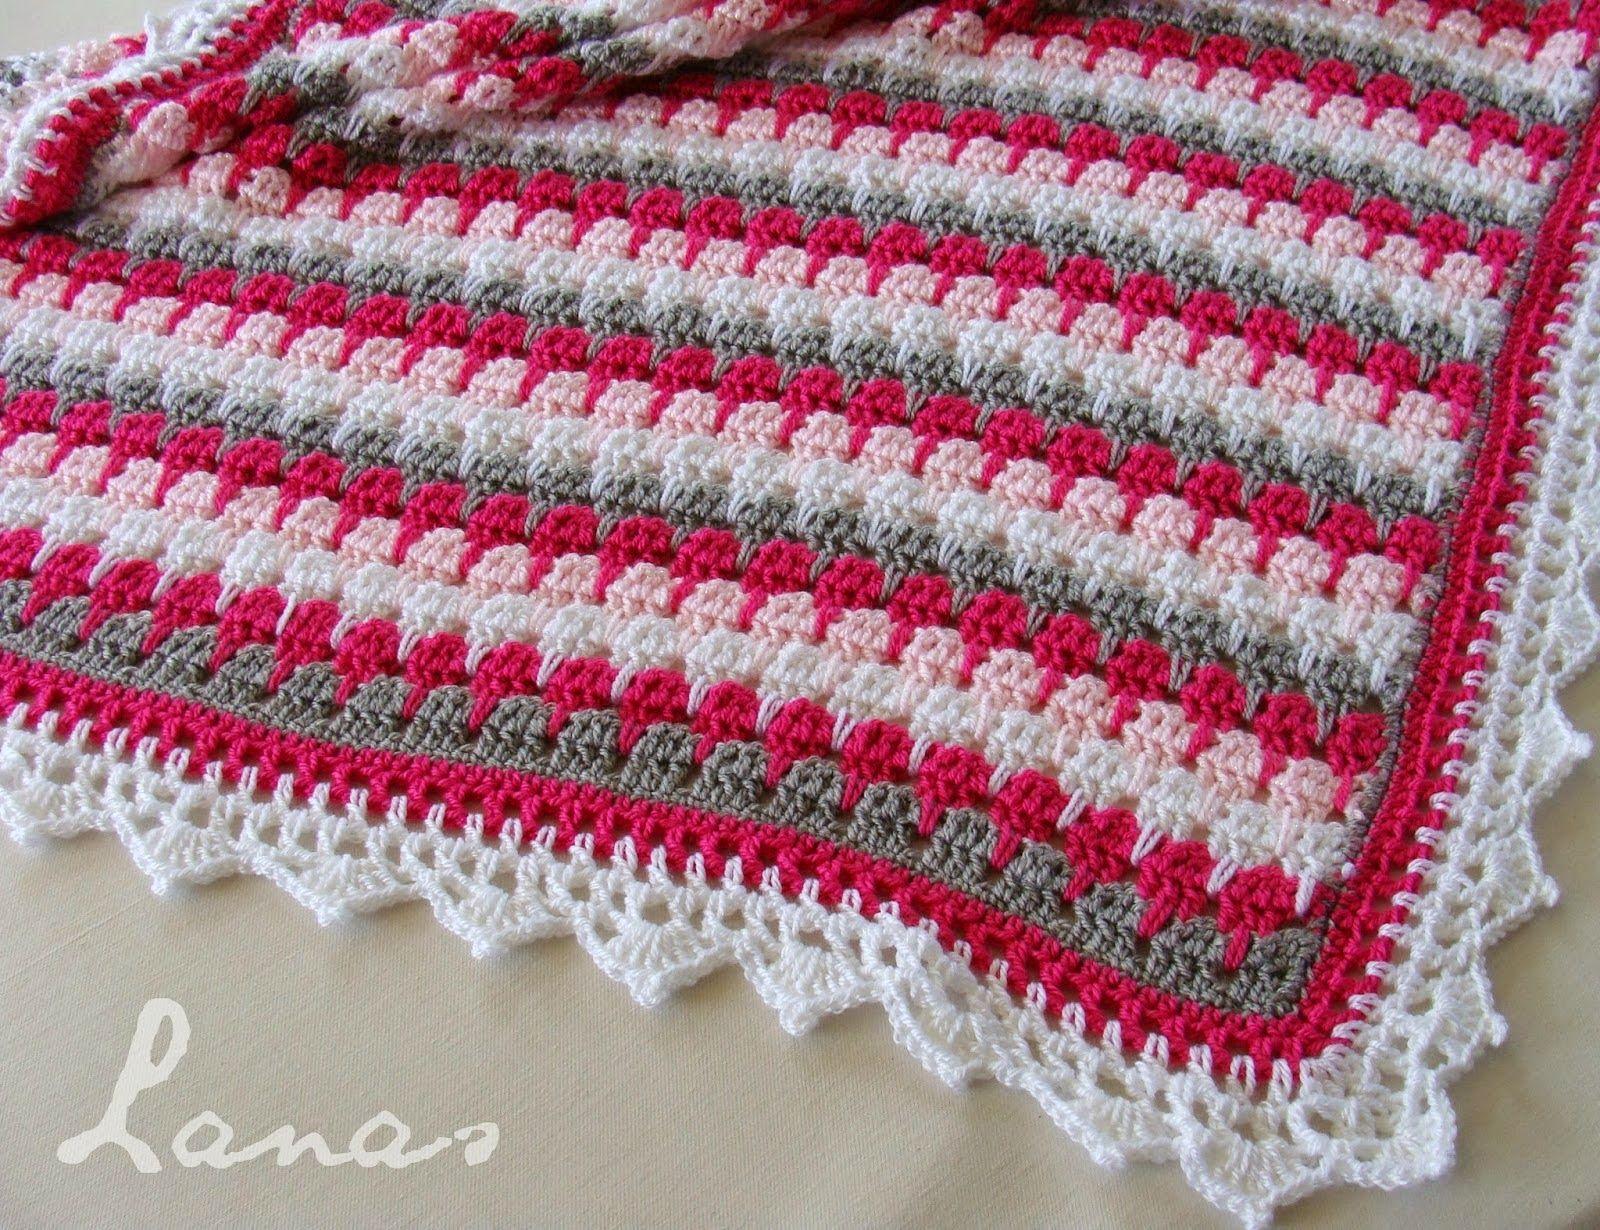 La Magia del Crochet: Mantas patrones gratis | mantas | Pinterest ...